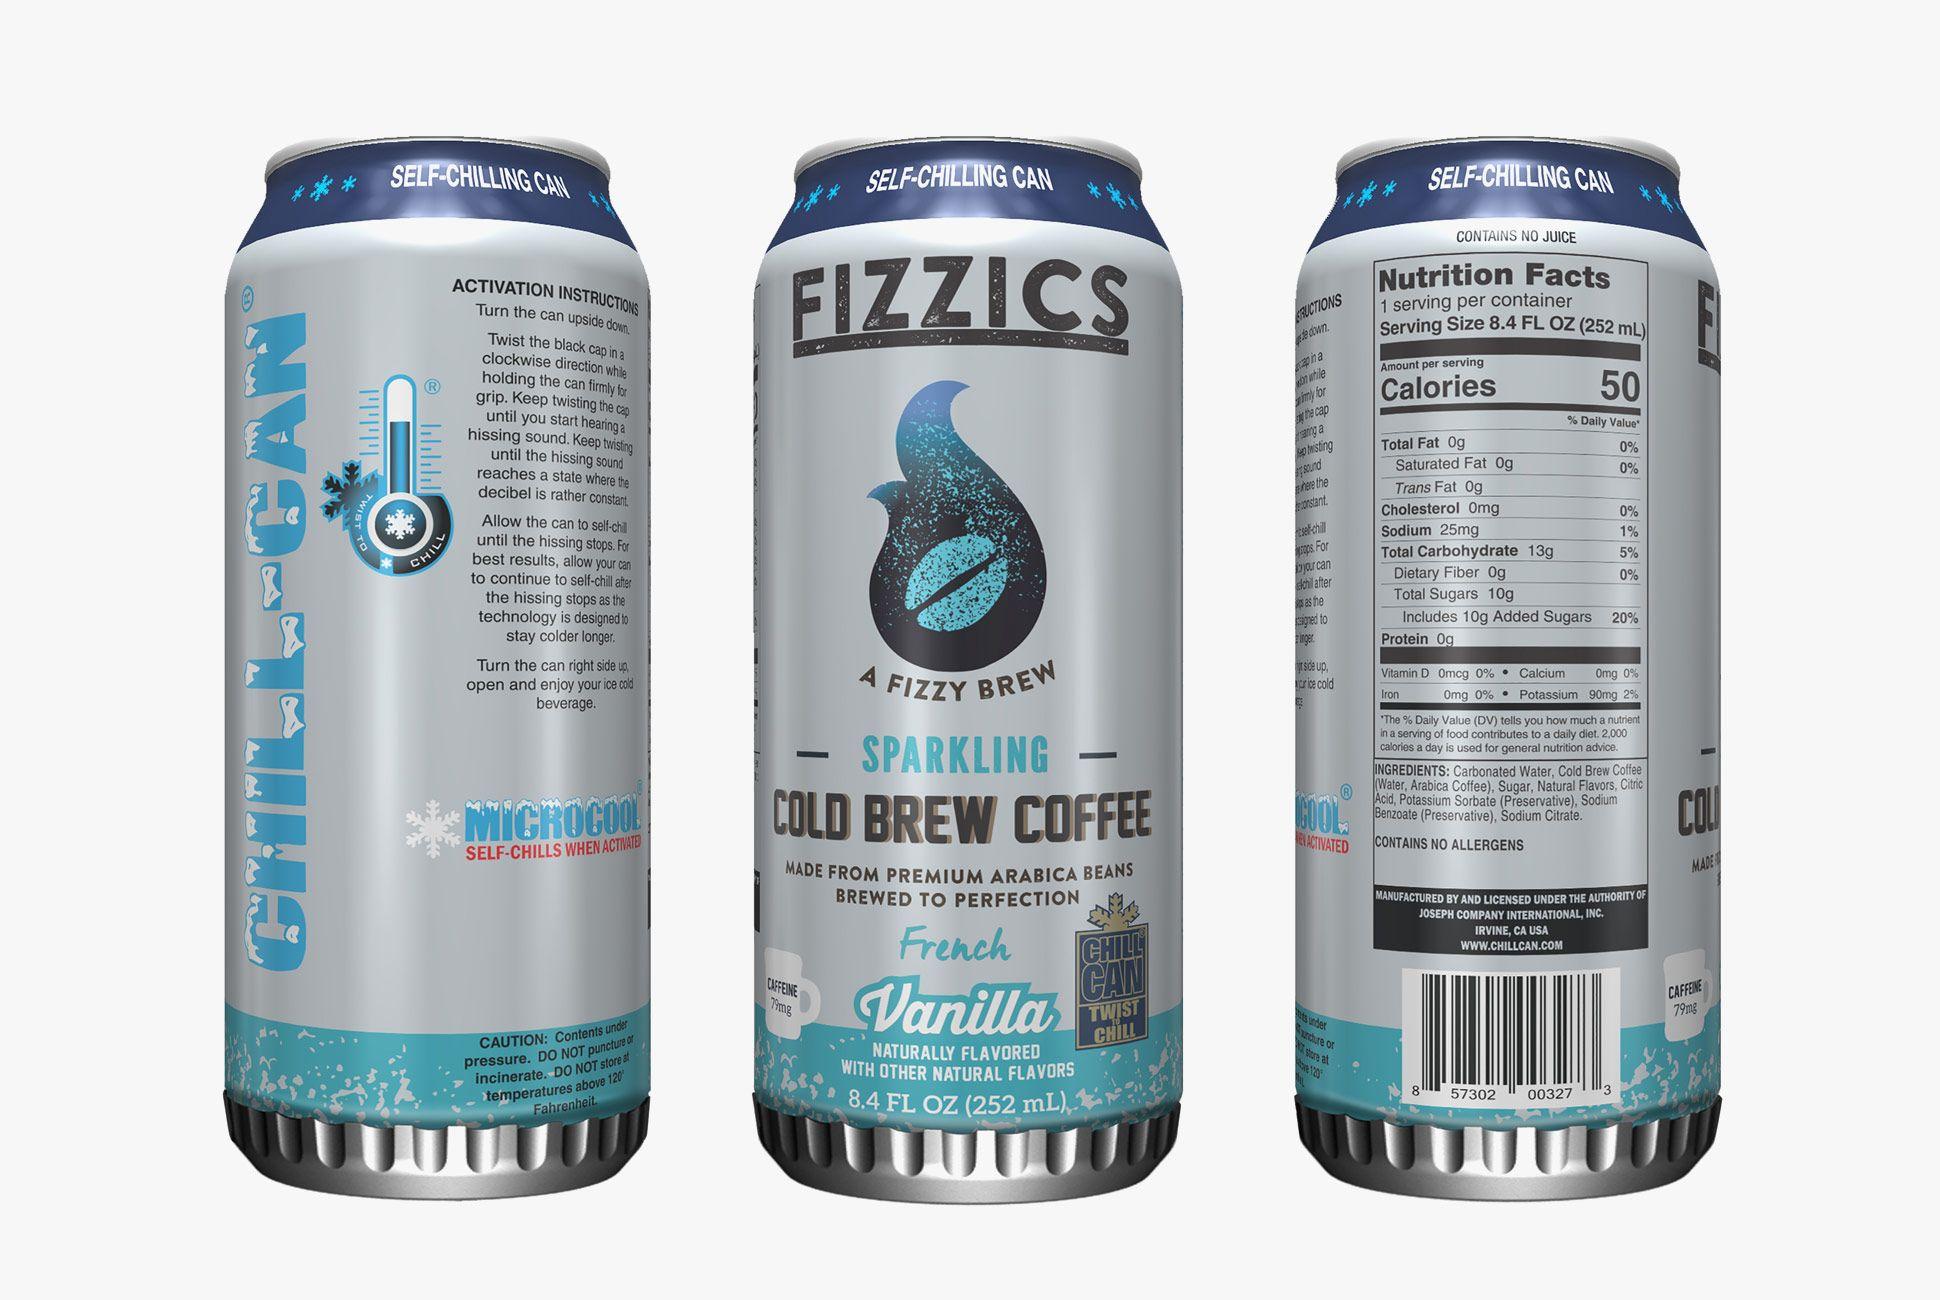 Las latas cuyo nombre comercial es Chill-Can se venden en los supermercados estadounidenses.